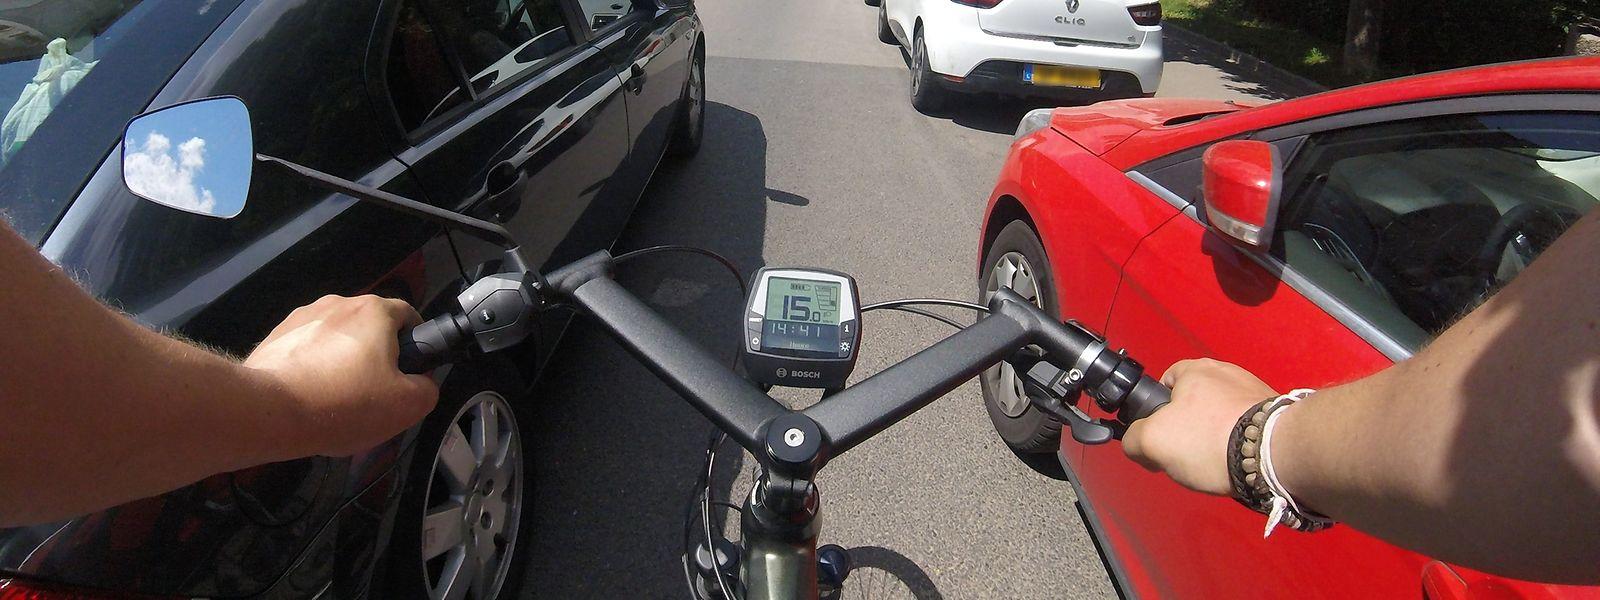 Les cyclistes sont quotidiennement confrontés à des automobilistes qui passent trop près d'eux